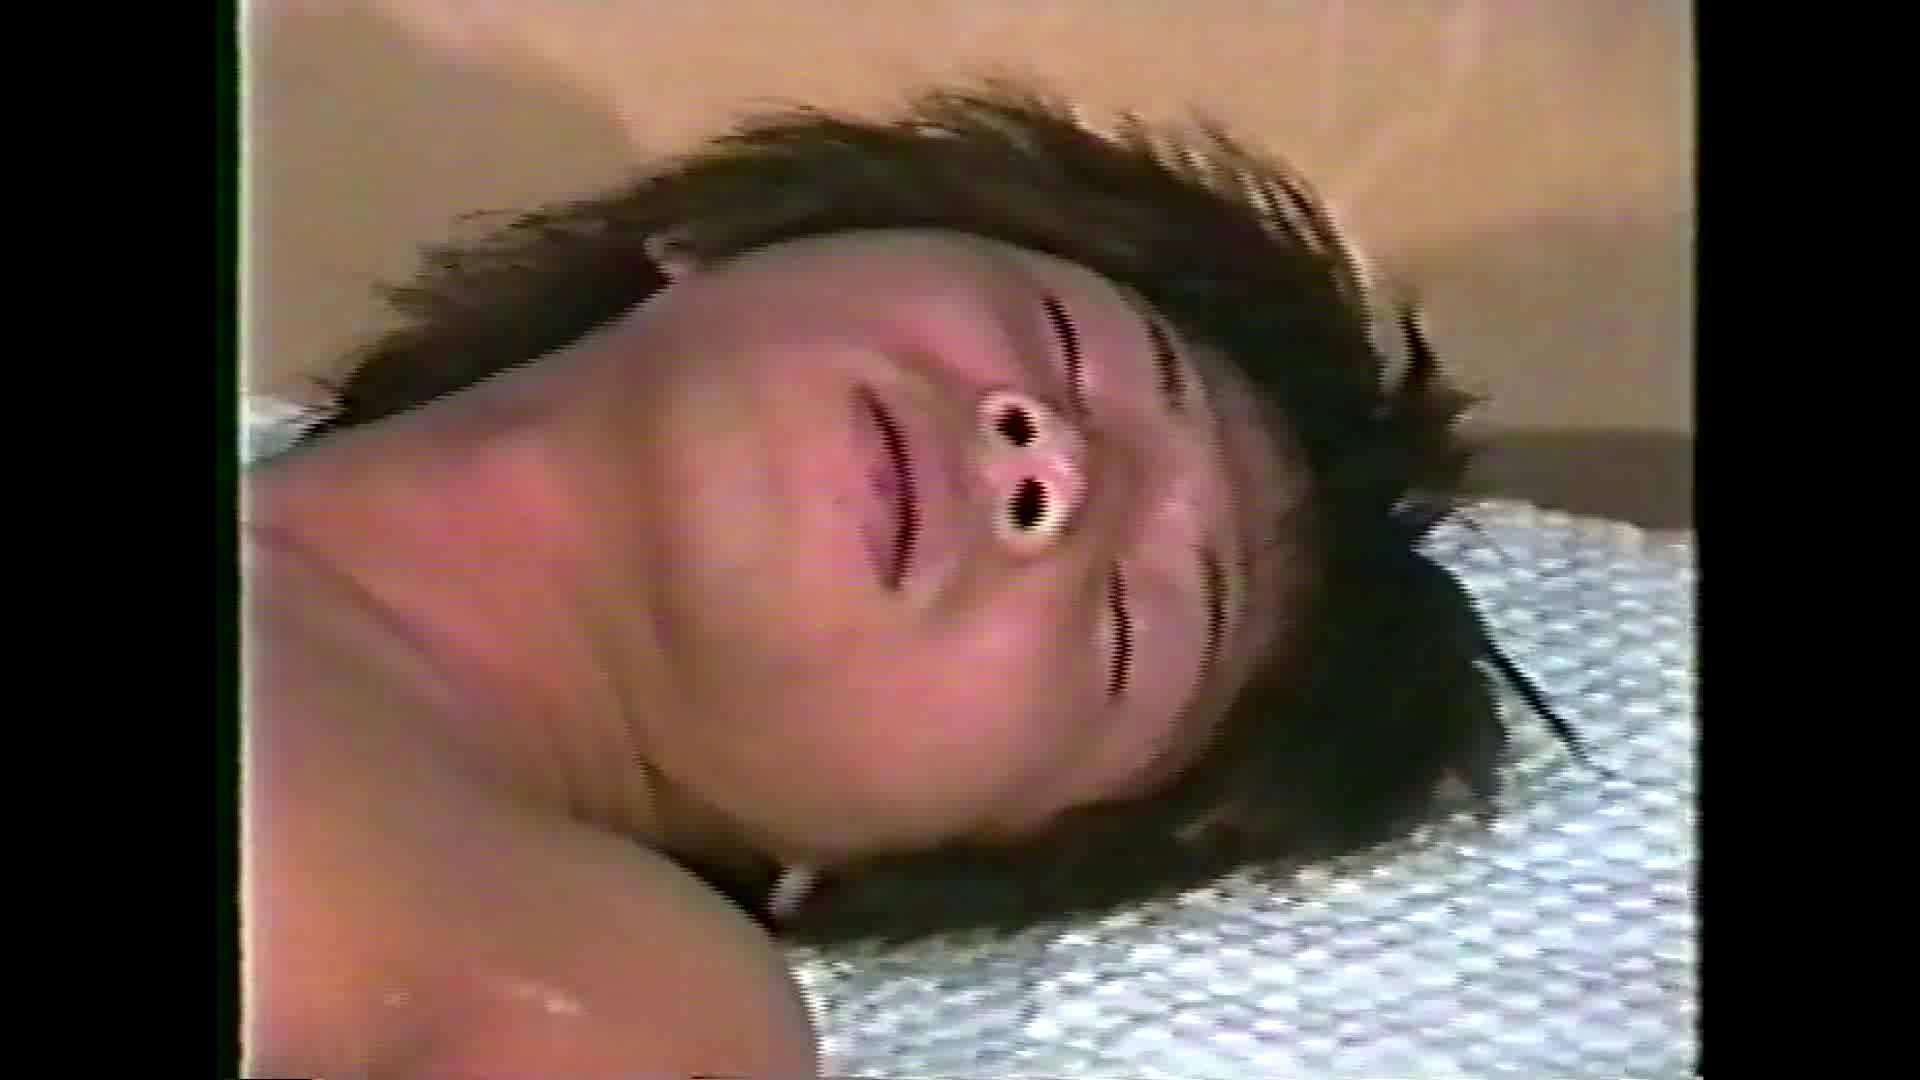 MADOKAさんのズリネタコレクションVol.3-4 ゲイマニア | 0  108pic 77